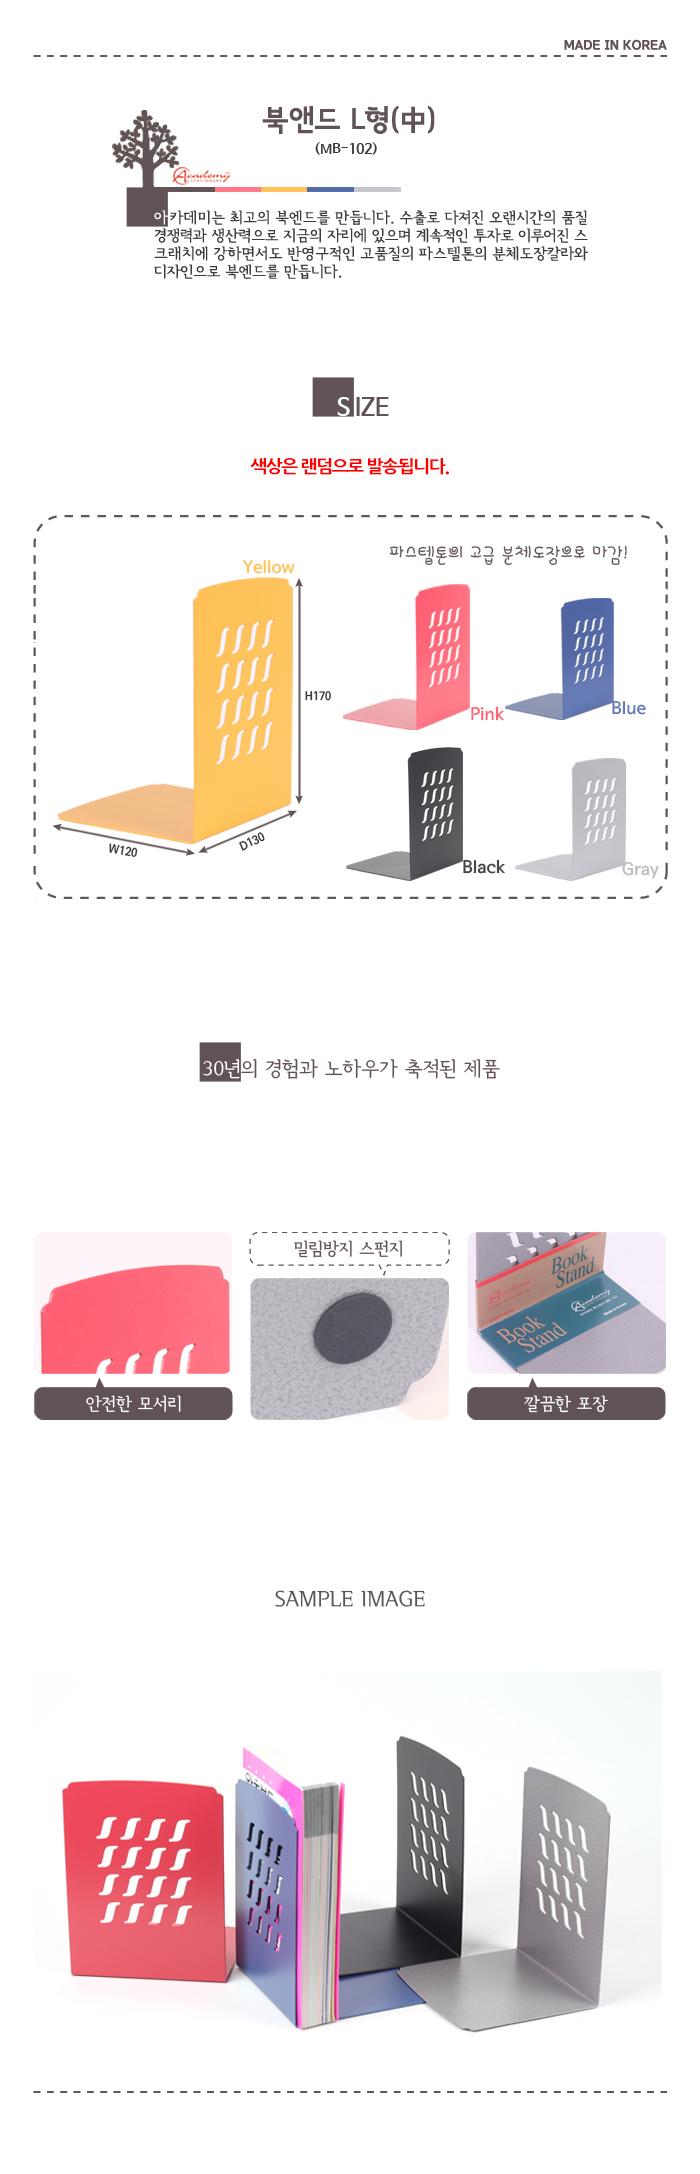 L자형 북앤드 MB-102(중)(색상랜덤) - 킹콩박스, 4,300원, 독서용품, 독서대